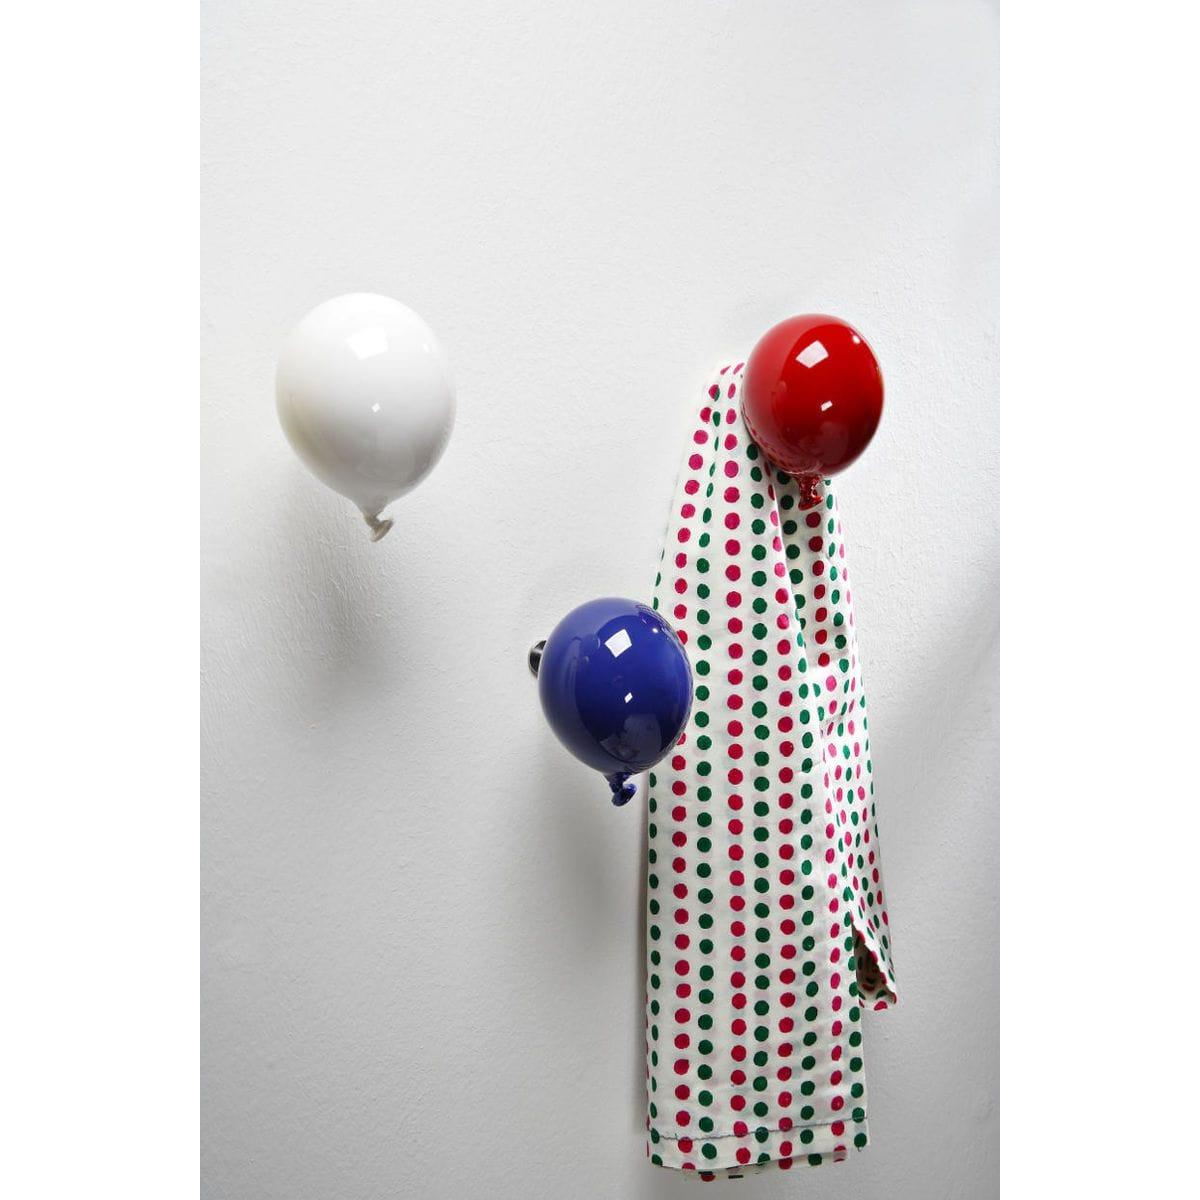 Palloncino in ceramica appendiabiti decorativo miniBalloon bianco, blu e rosso su parete